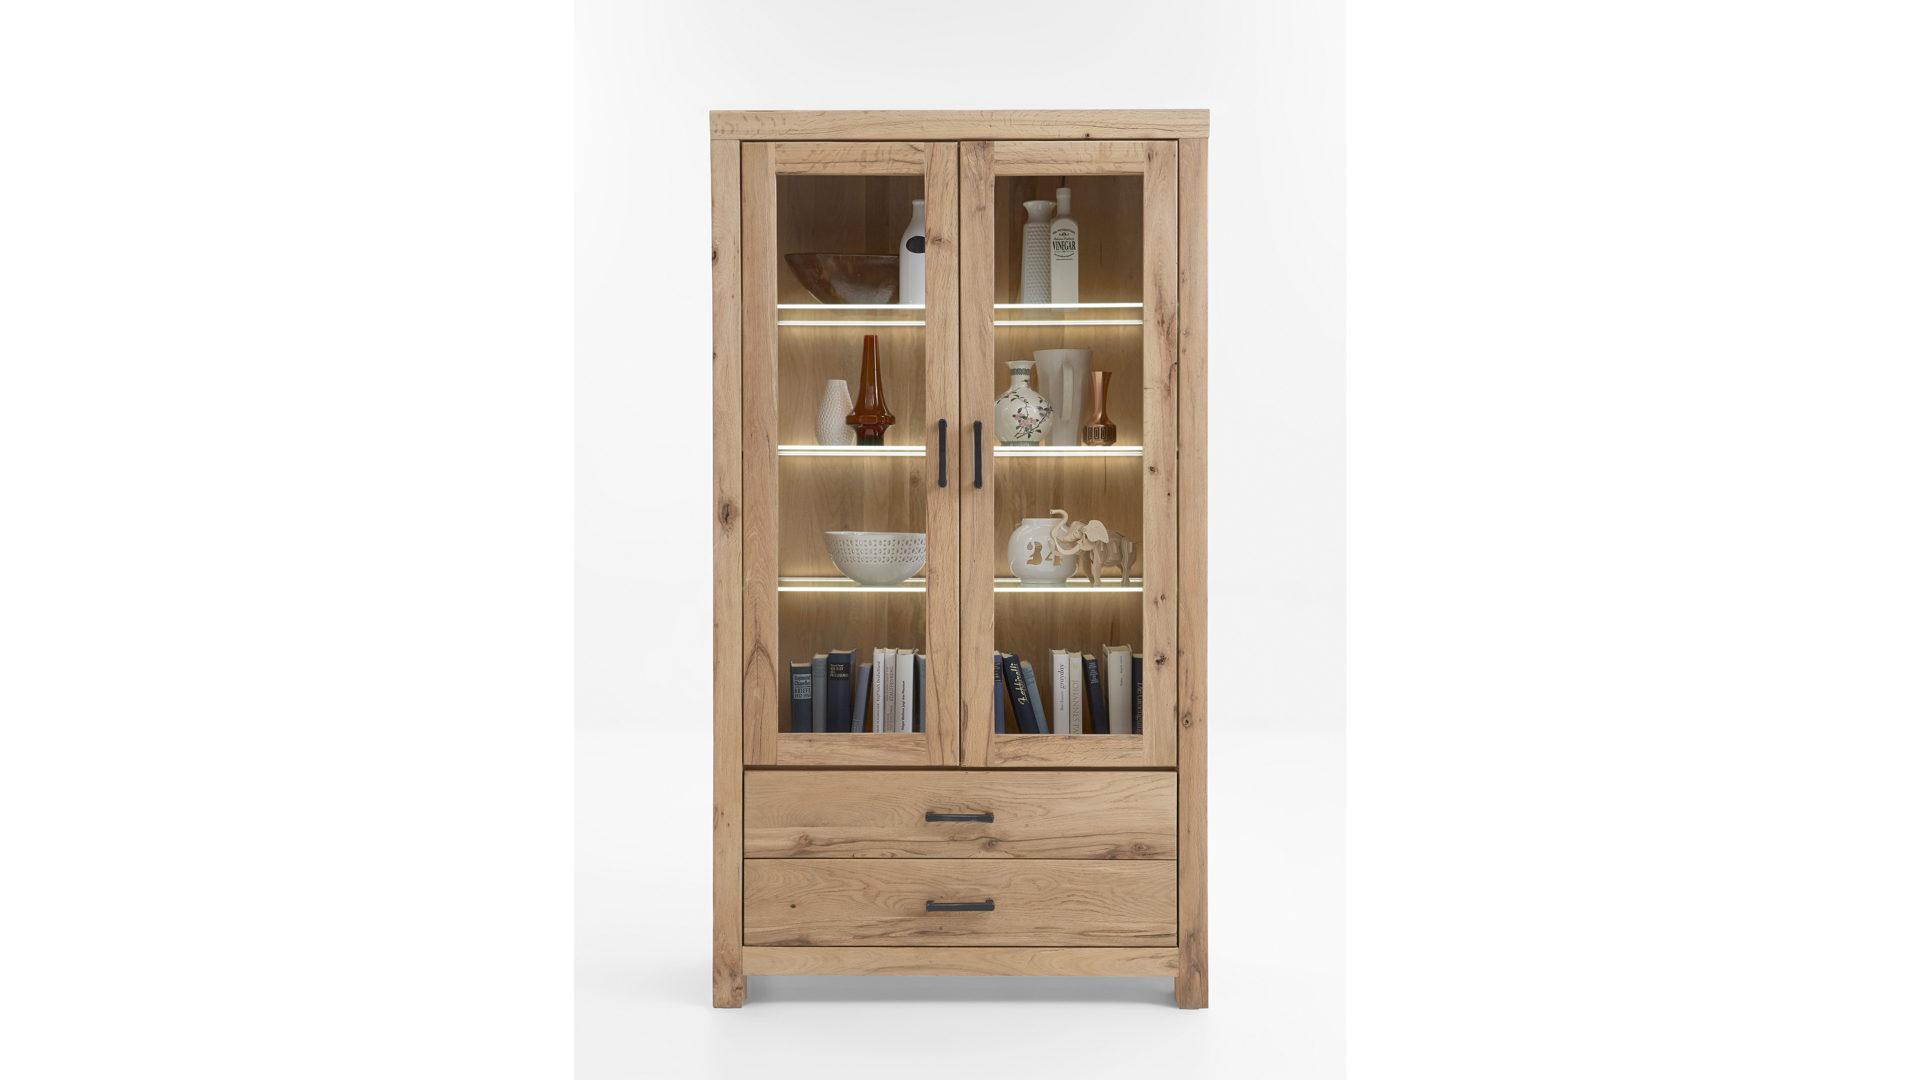 massivholzmobel wohnzimmerschrank, möbel bernskötter mülheim, woods & trends vitrine, Design ideen